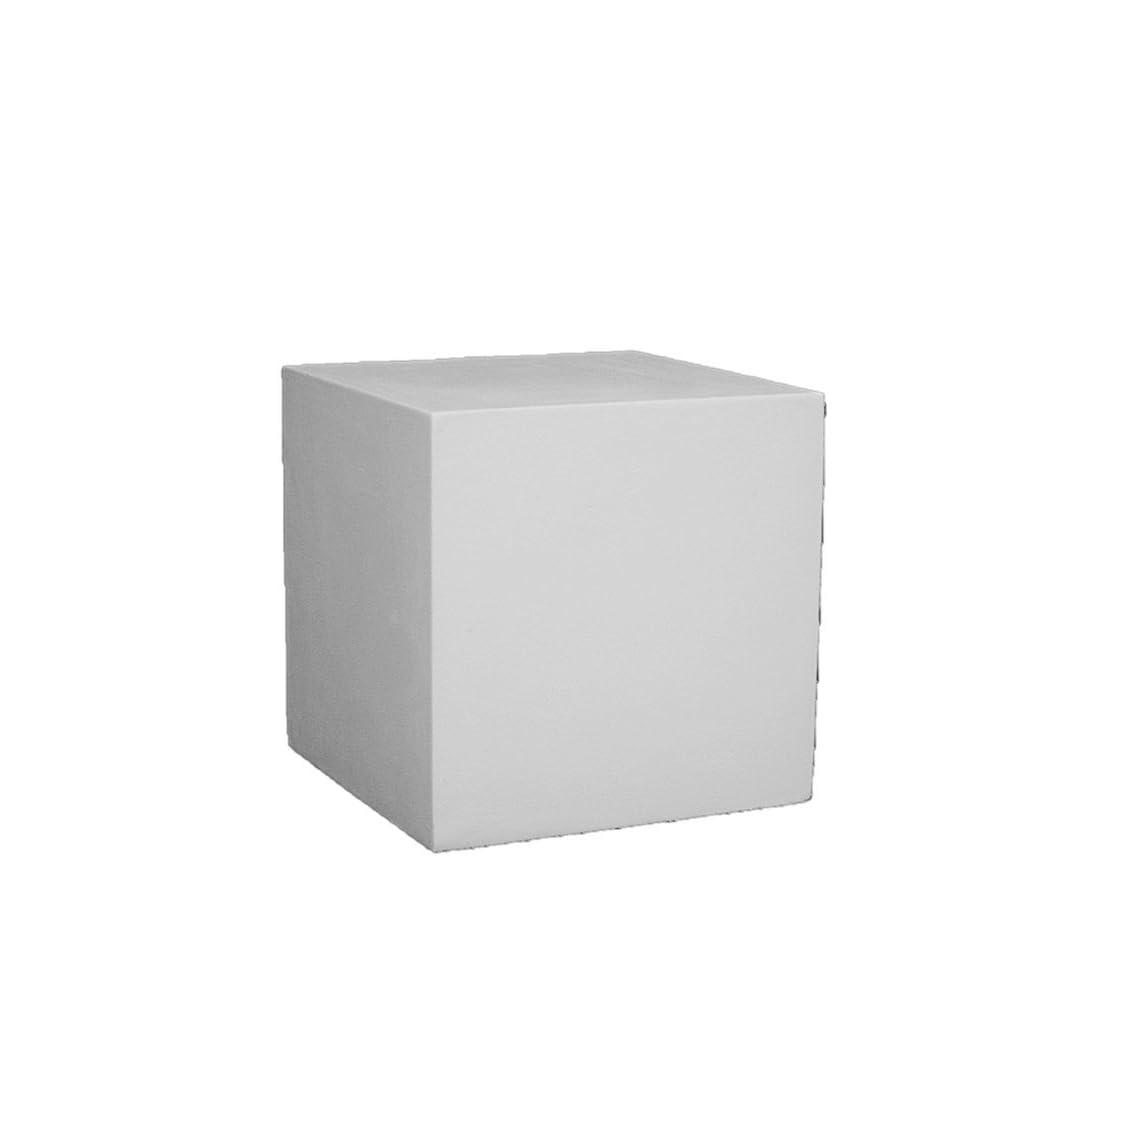 石膏像 几何形体 立方体 h.12.5cm